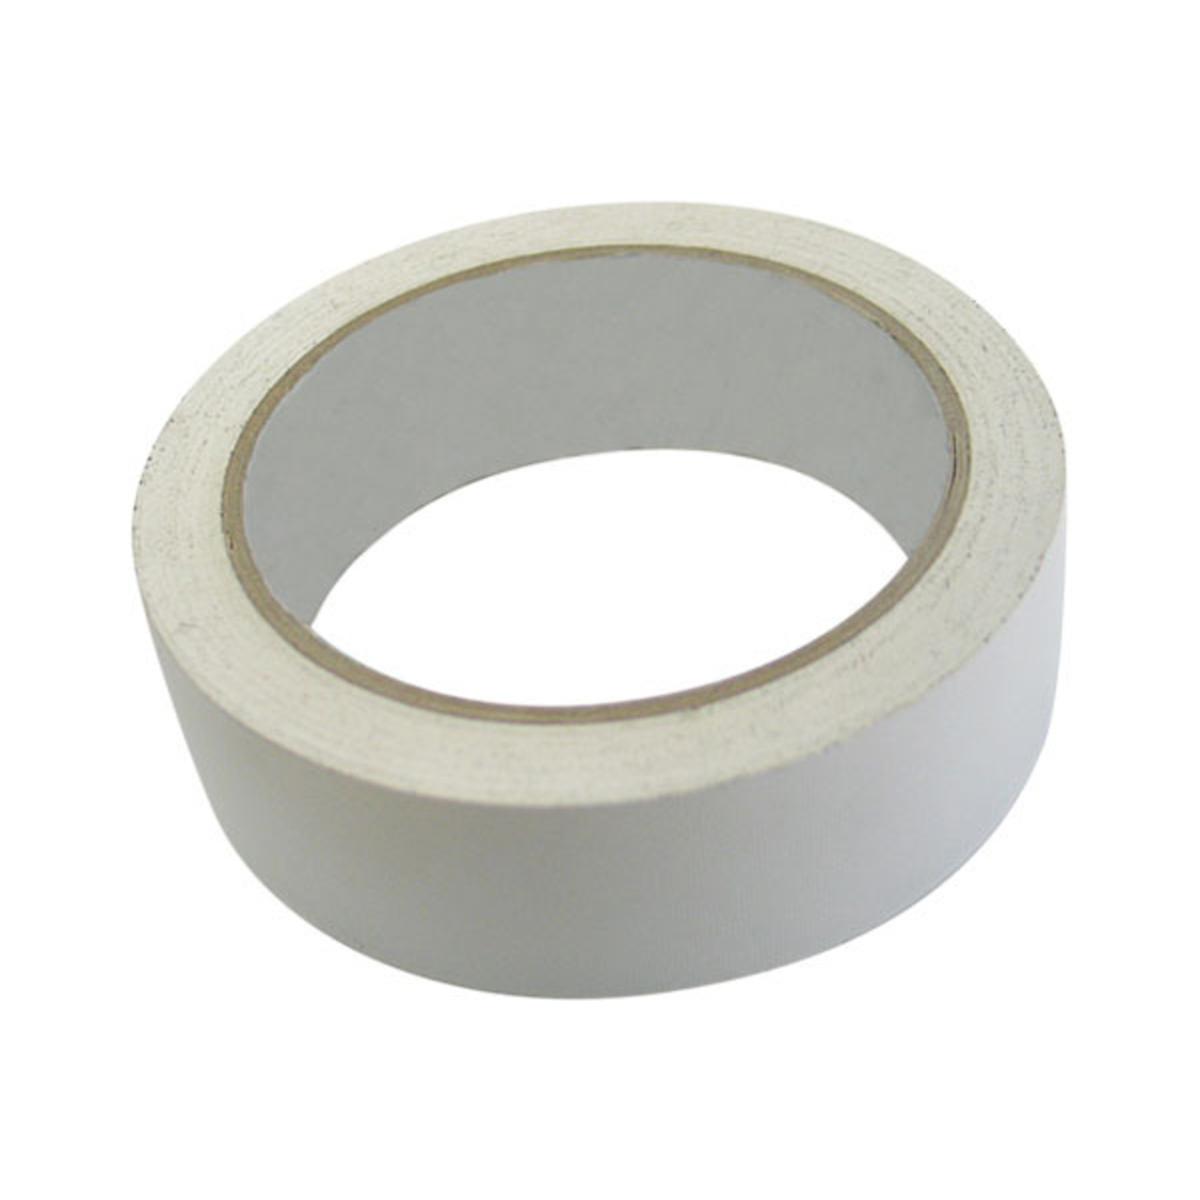 Лента малярная Masterprof Hs.070020 лента малярная folsen для деликатных поверхностей 30мм х 25